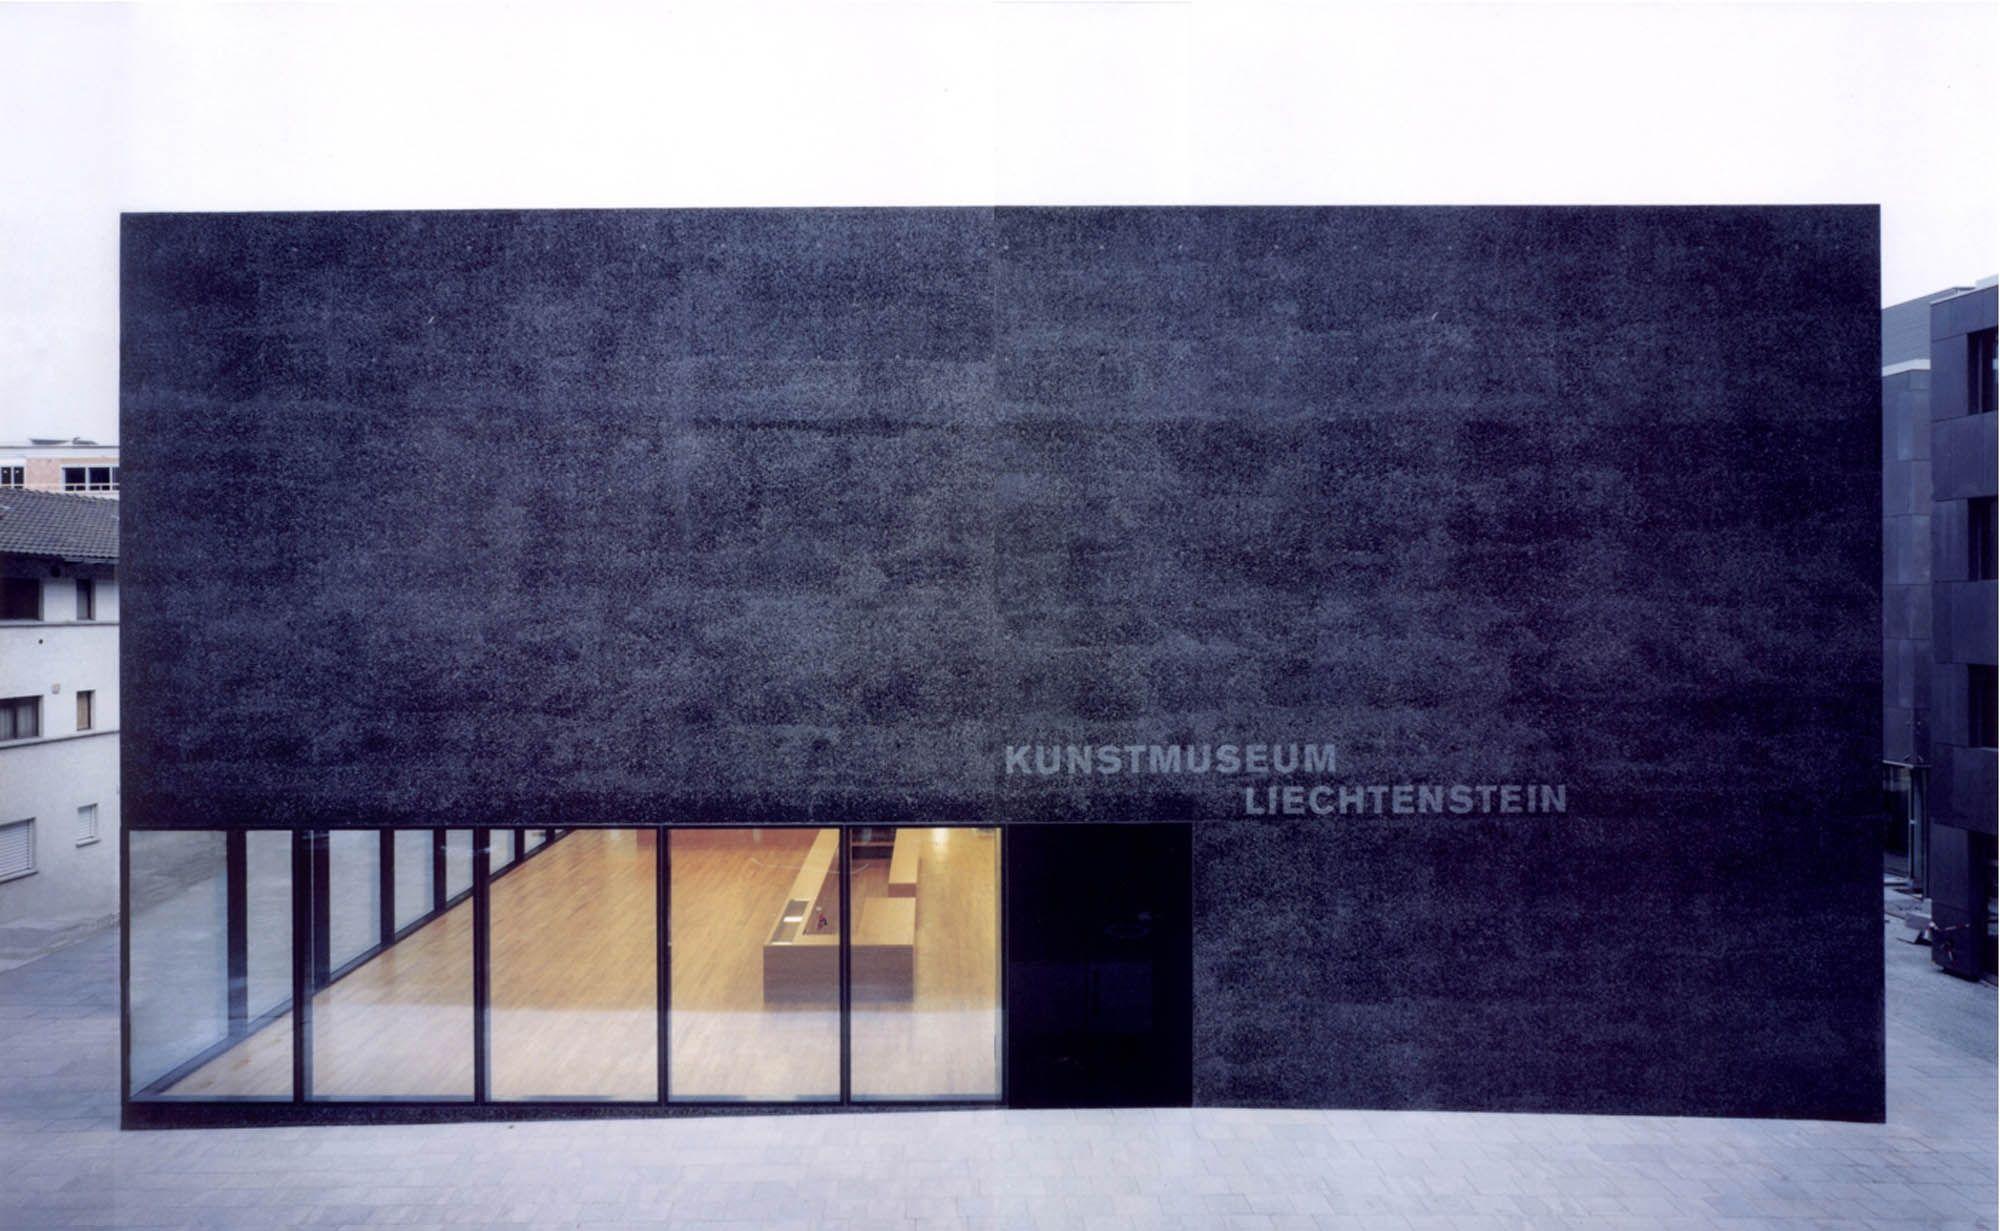 Kunstmuseum Lichtenstein Vaduz Liechtebstein 2000 Meinrad Morger Heinrich Degelo And Christian Ker Architekt Beton Architektur Minimalistische Architektur